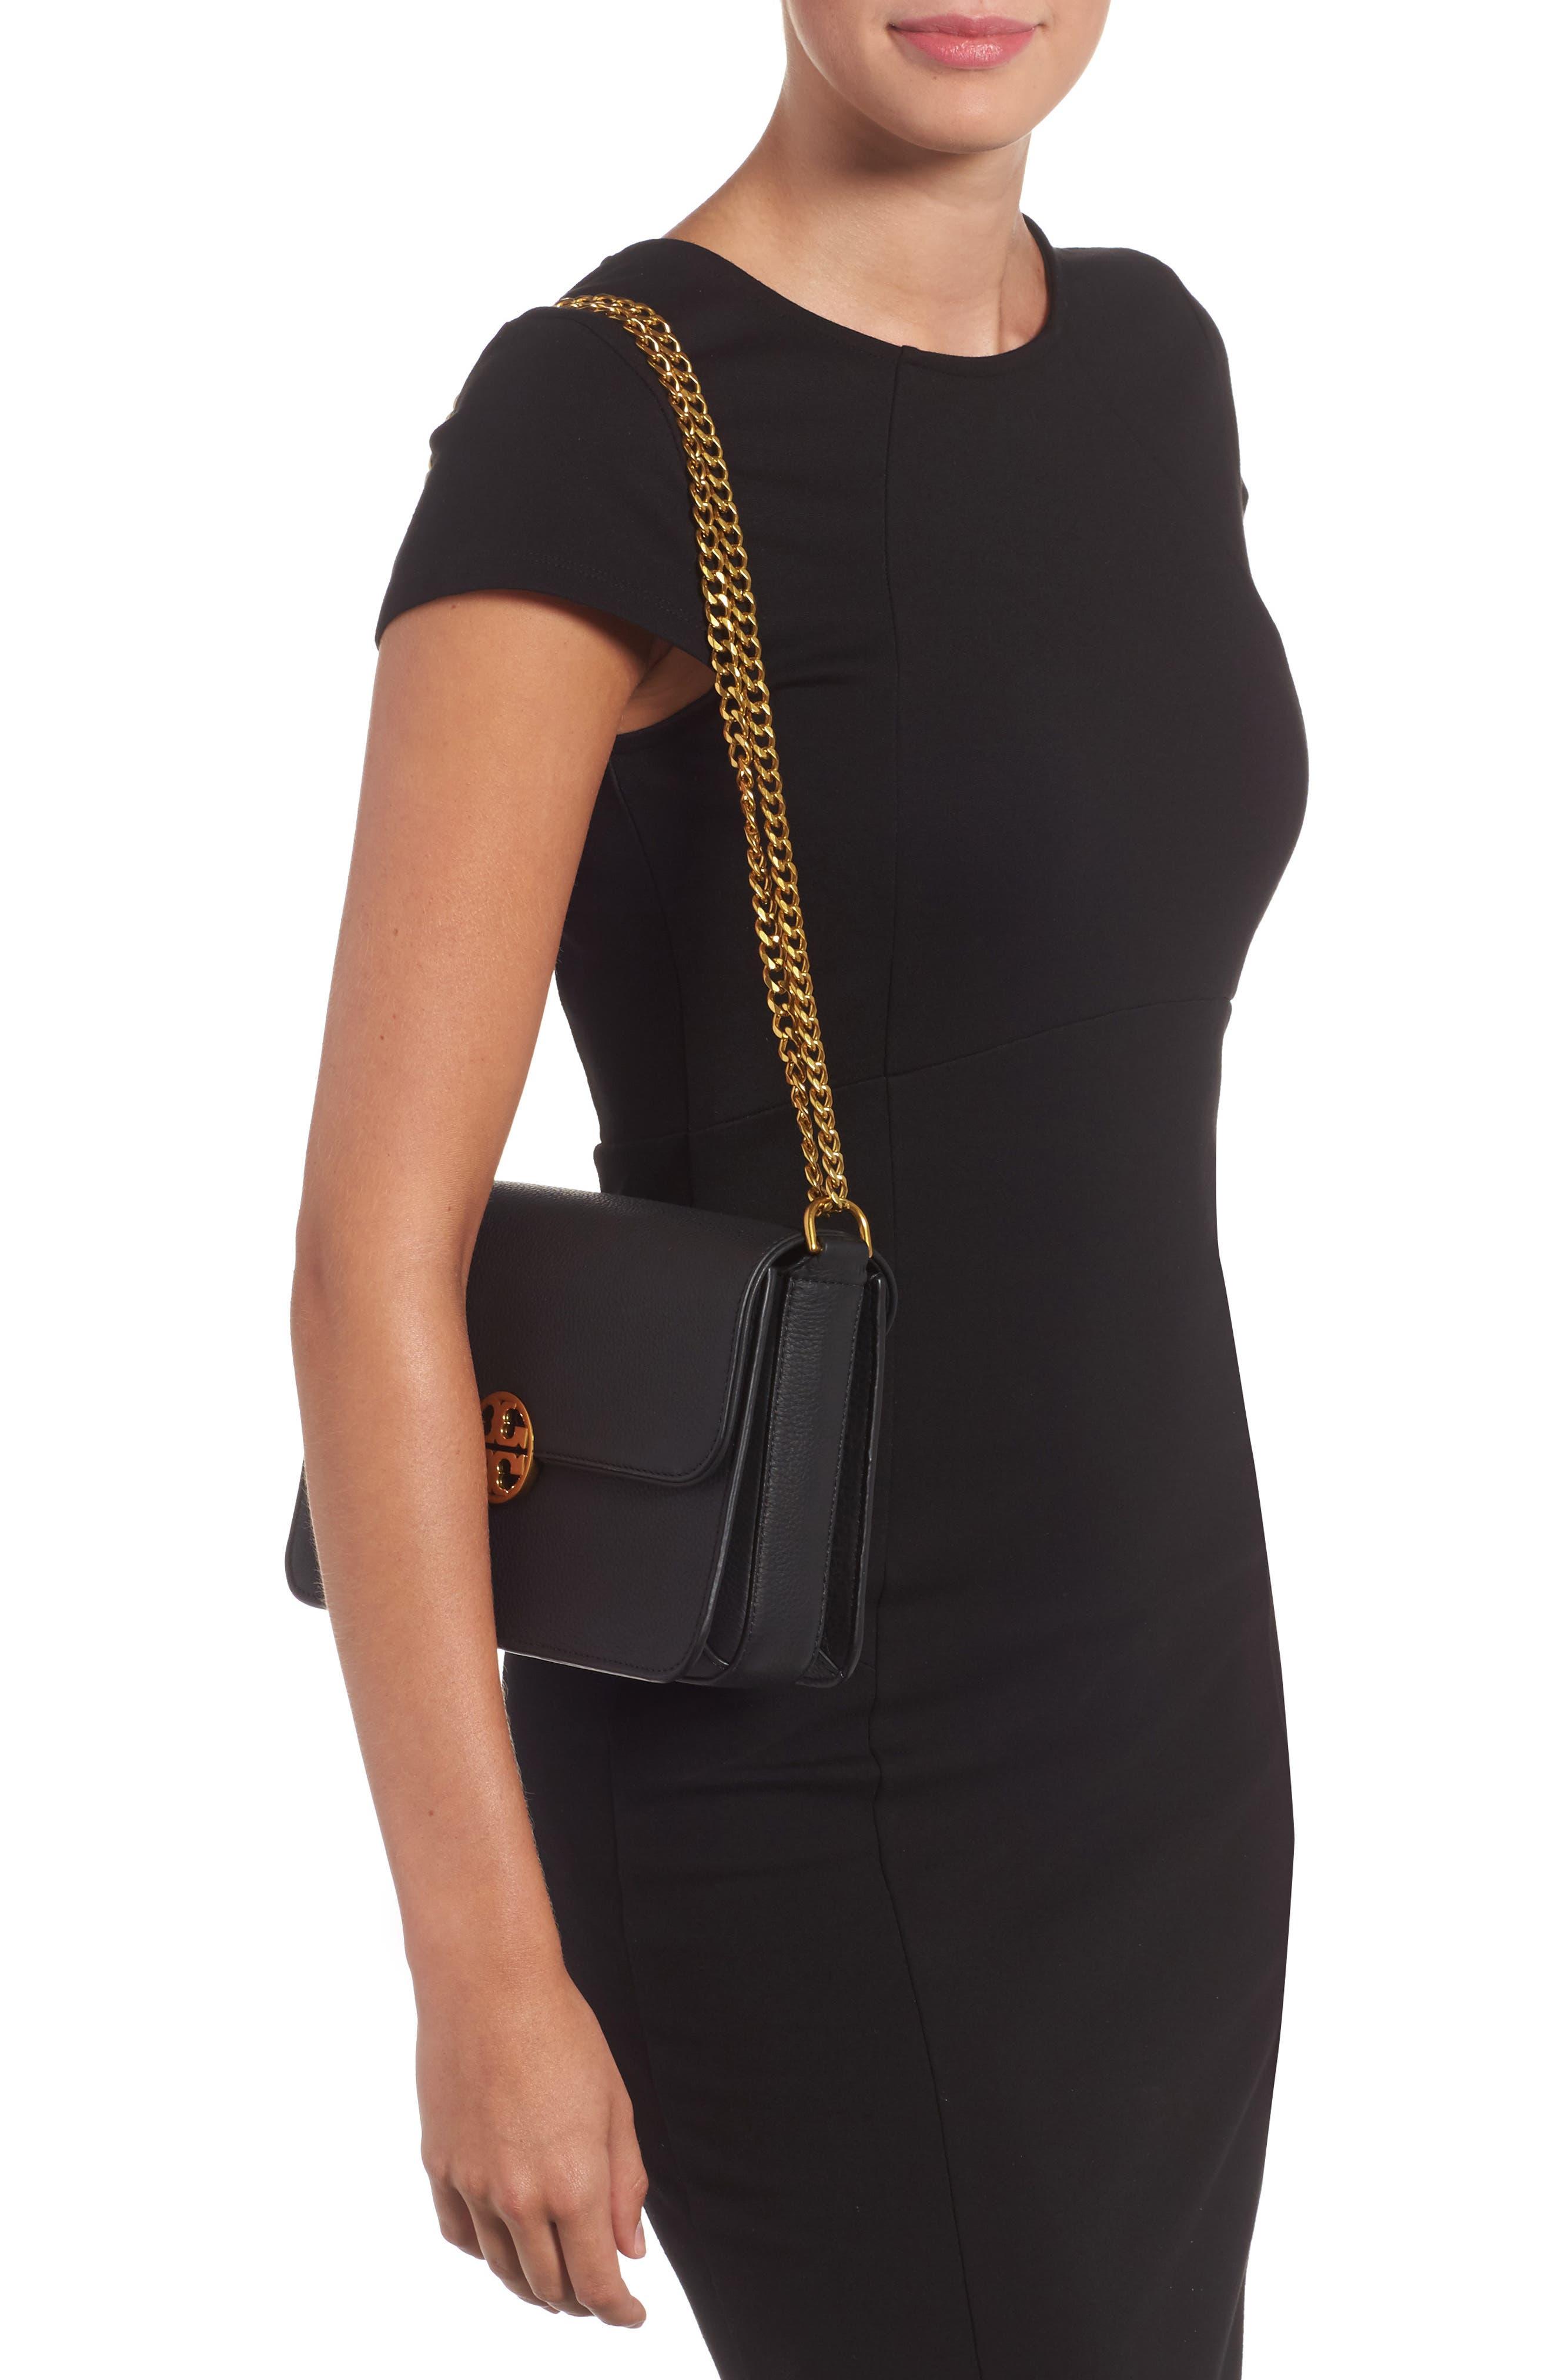 Chelsea Leather Shoulder Bag,                             Alternate thumbnail 2, color,                             001